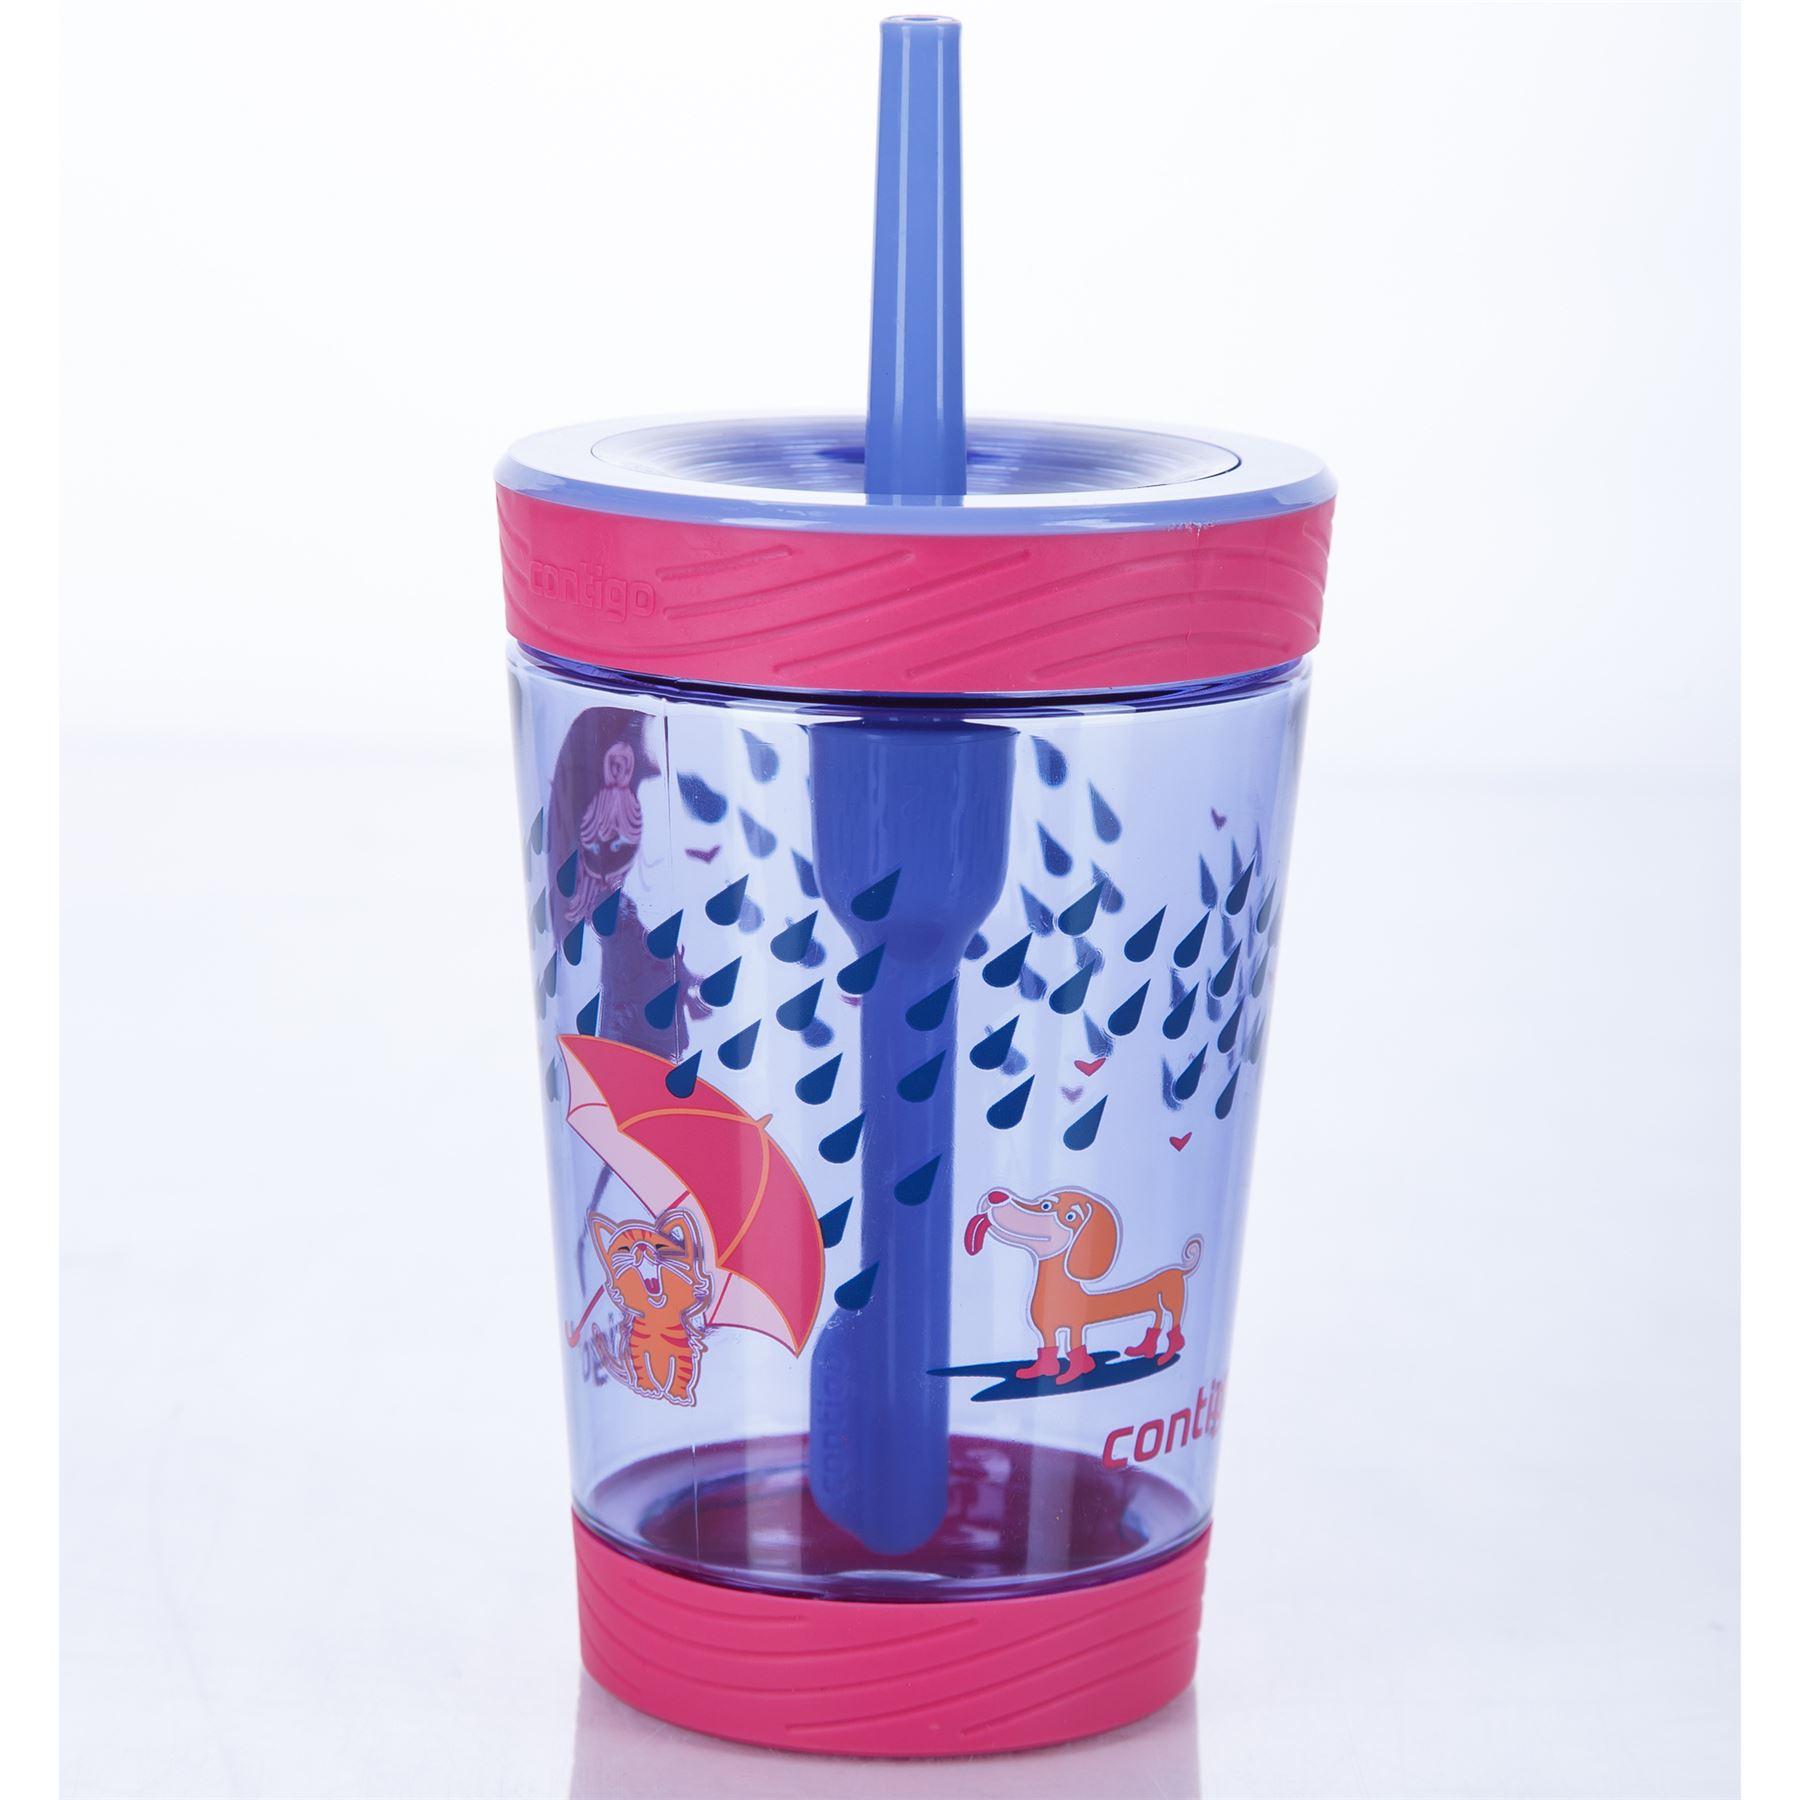 Contigo-Kids-039-Spill-Proof-Tumbler-boissons-bouteille-d-039-eau-avec-paille-BPA-Free-420-ml miniature 6